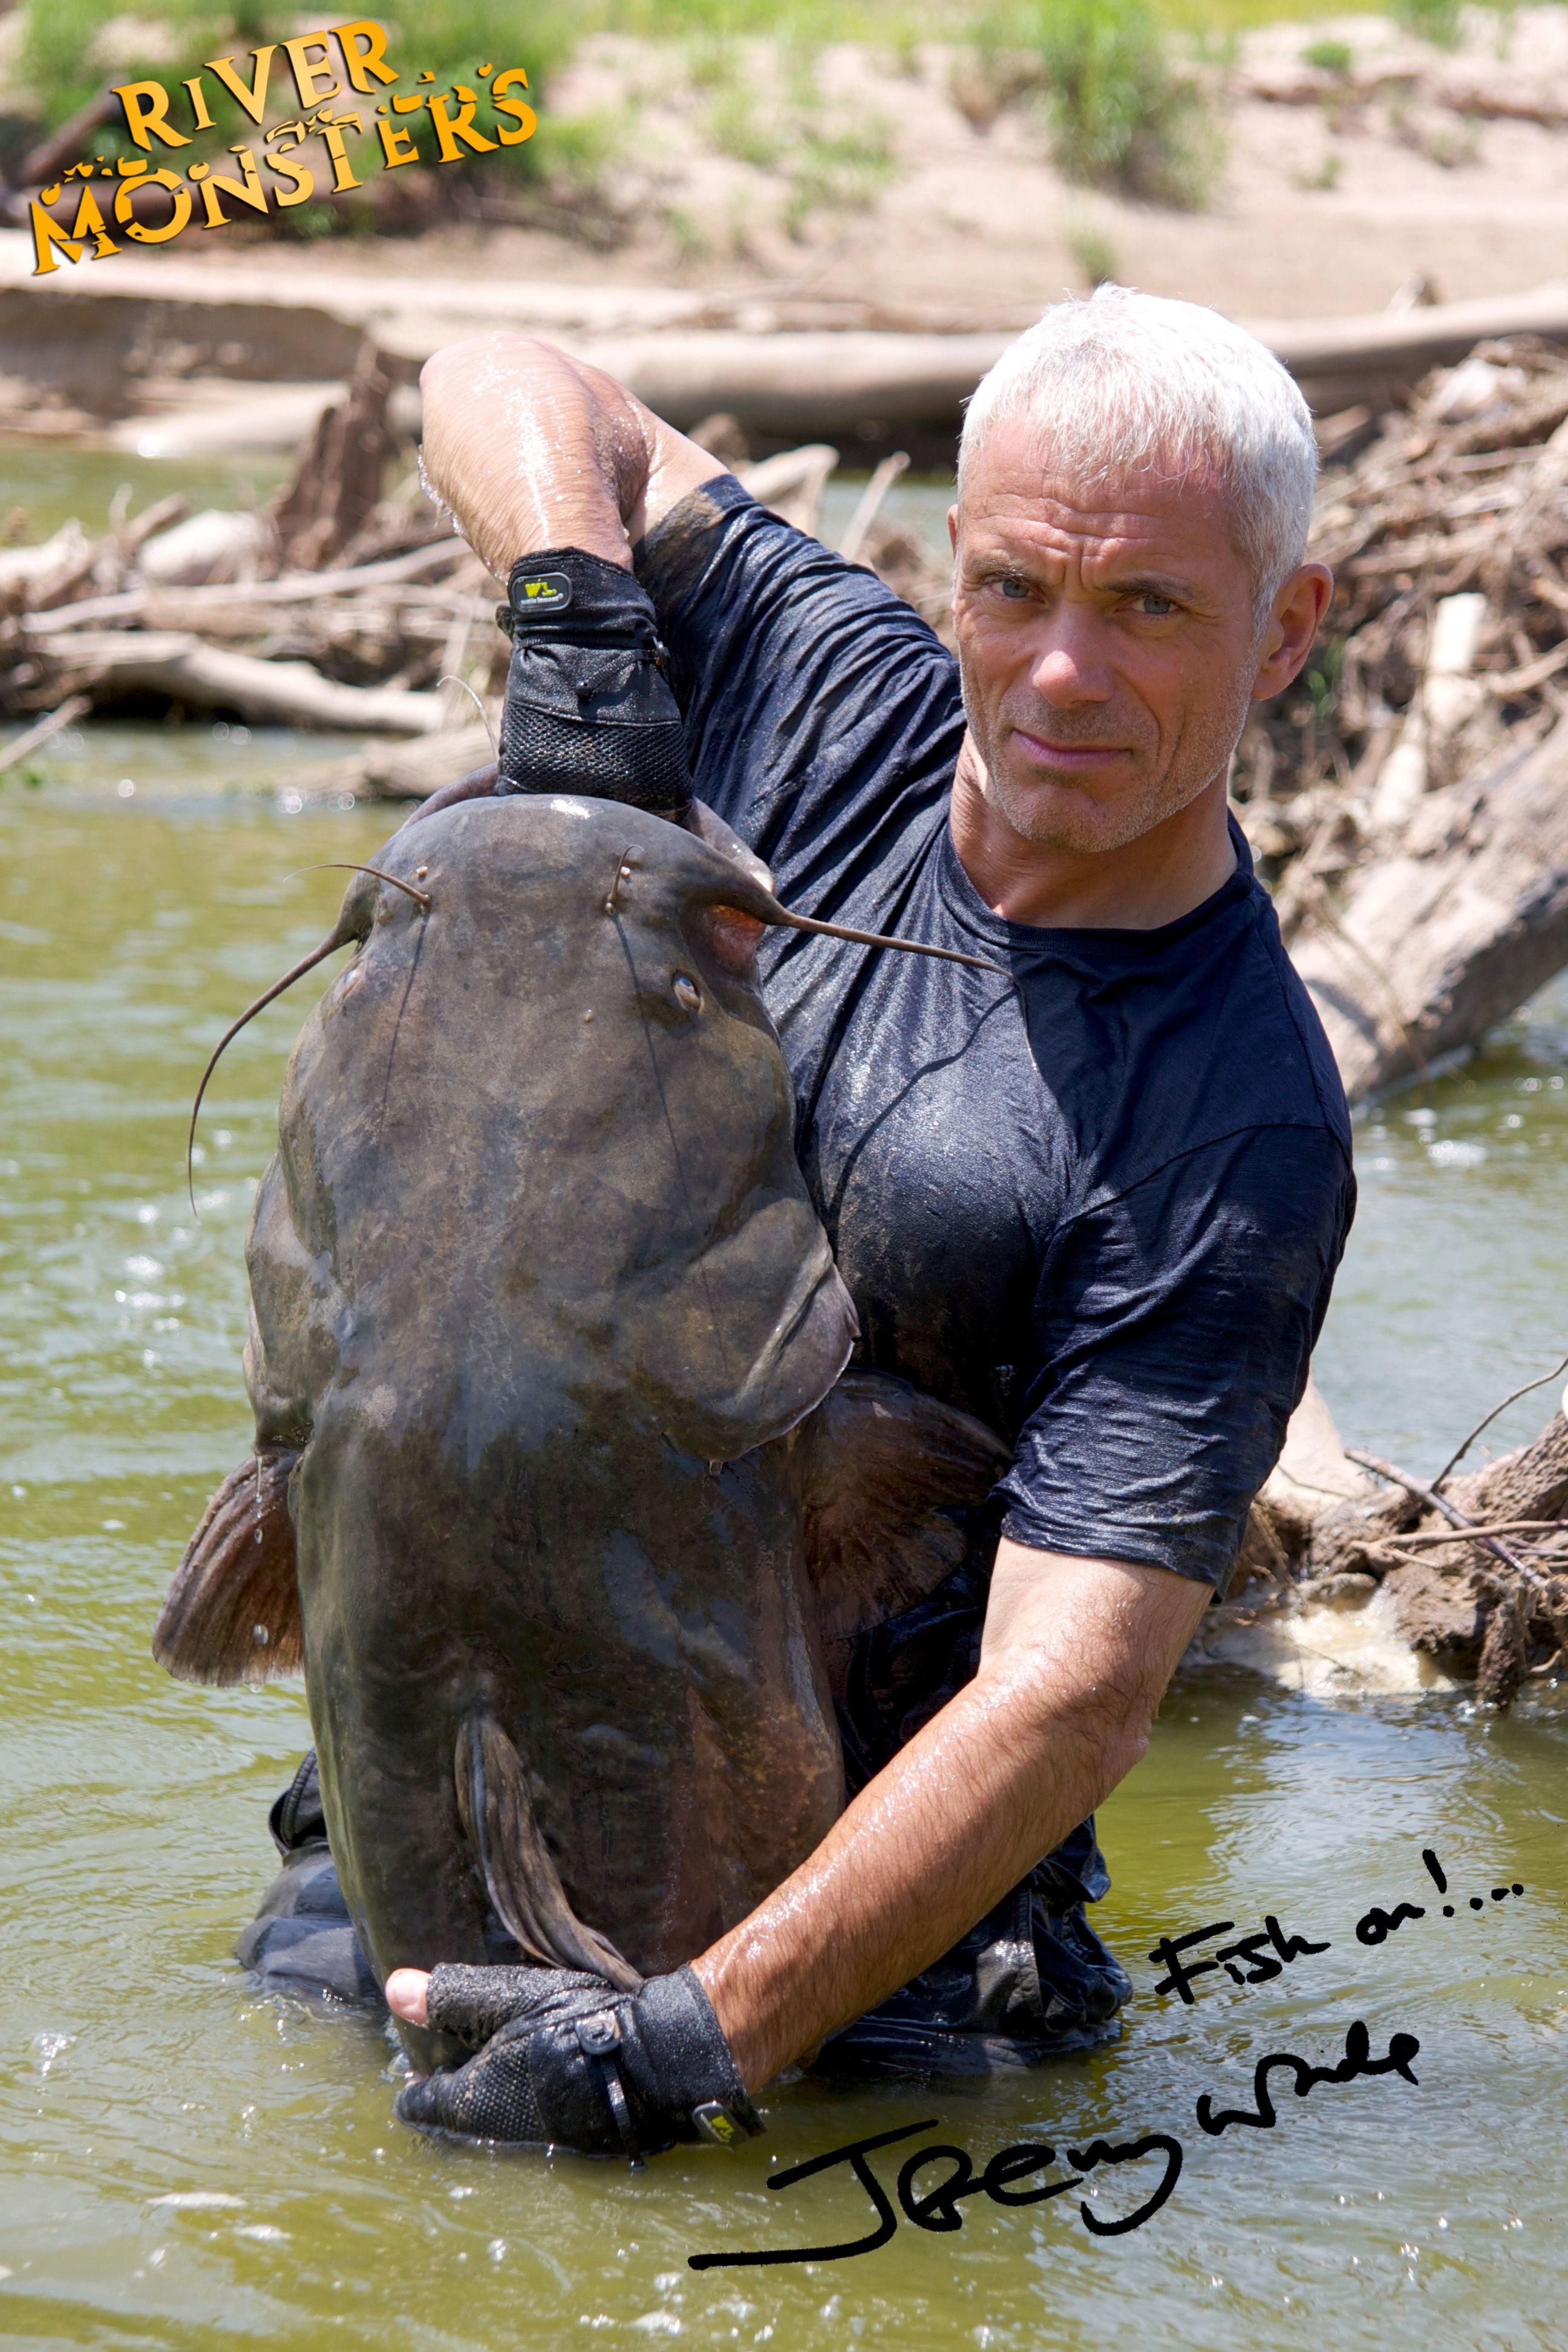 RiverMonsters.tv - el sitio web oficial de todo el mundo sobre River Monsters con Jeremy Wade